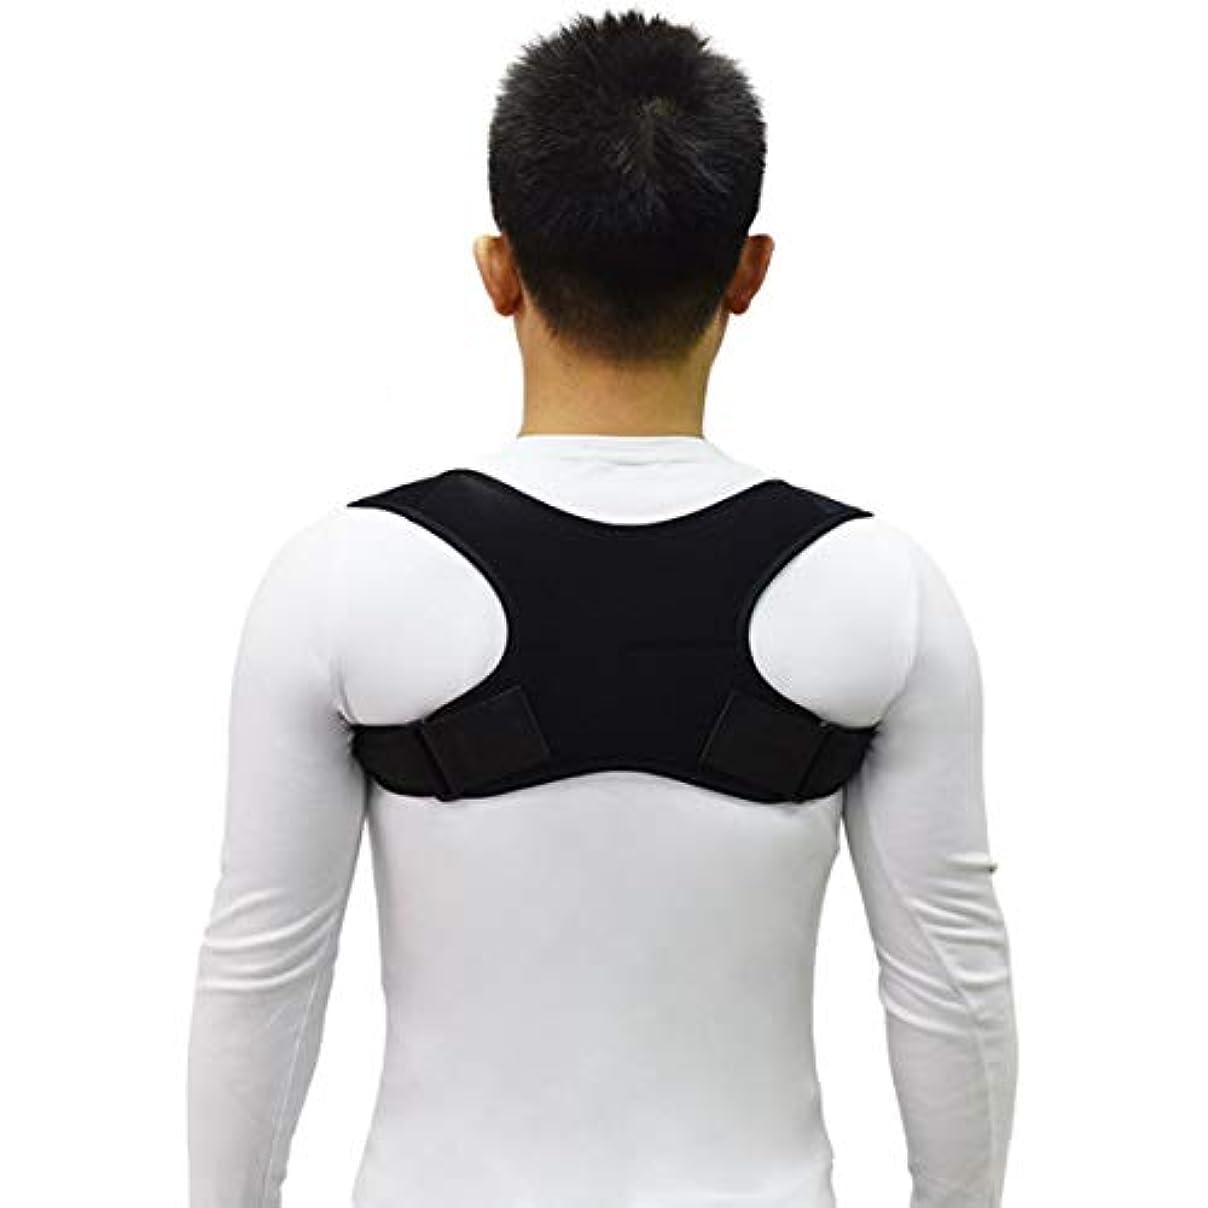 若さ気絶させる変成器新しいアッパーバックポスチャーコレクター姿勢鎖骨サポートコレクターバックストレートショルダーブレースストラップコレクター - ブラック